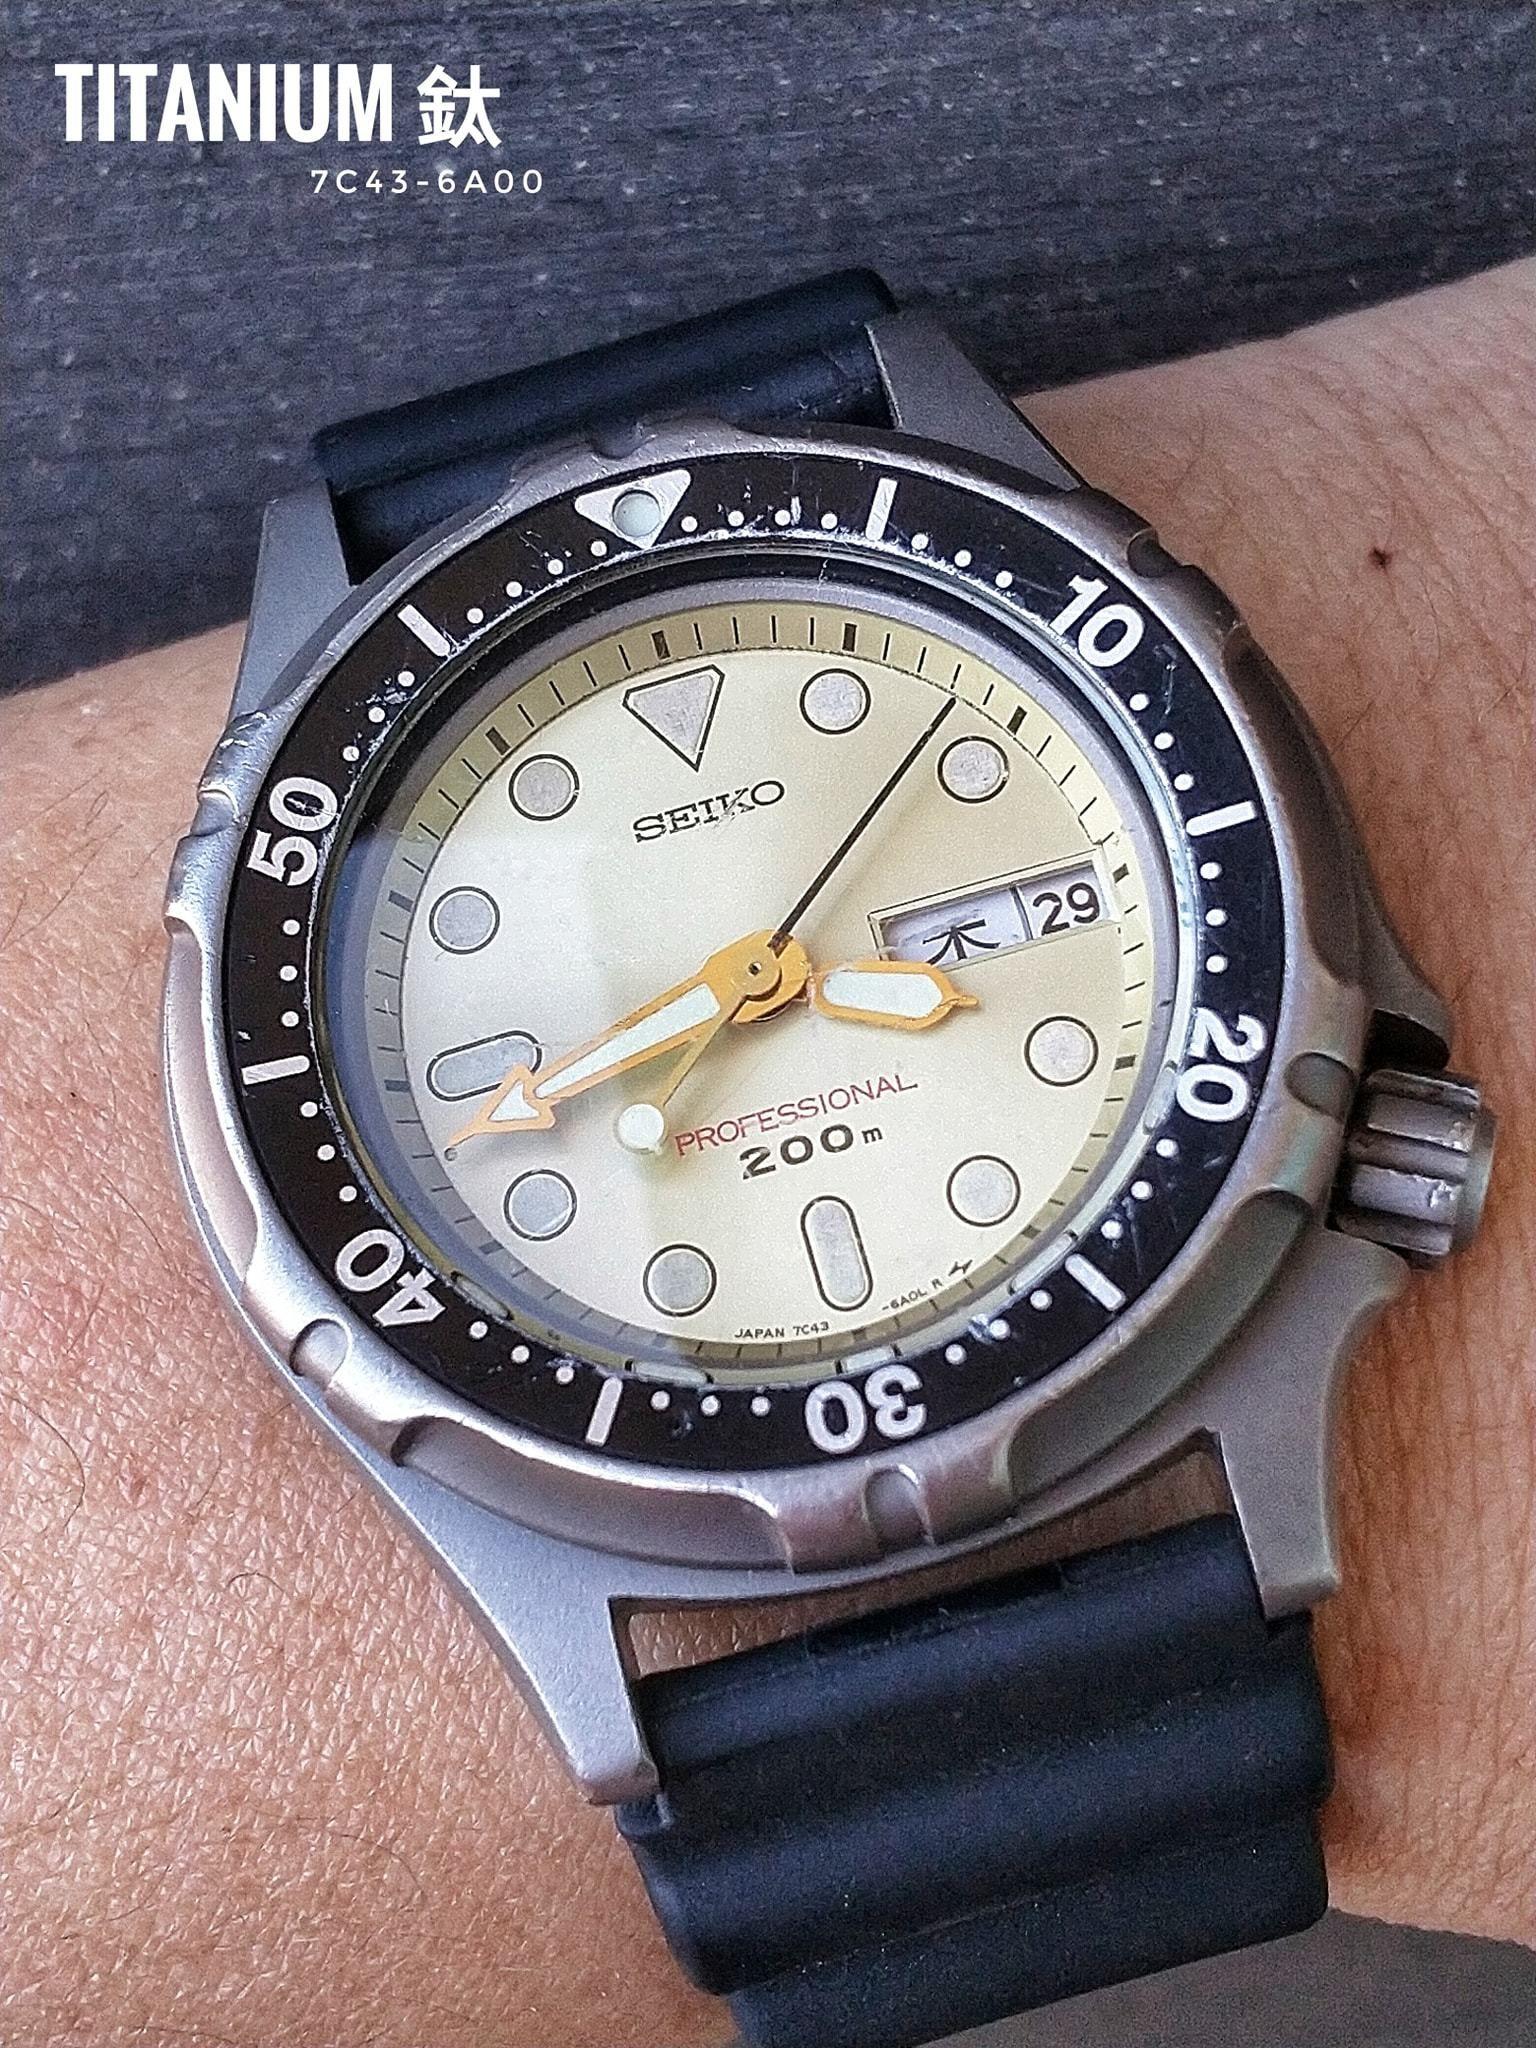 Đồng hồ seiko titanium